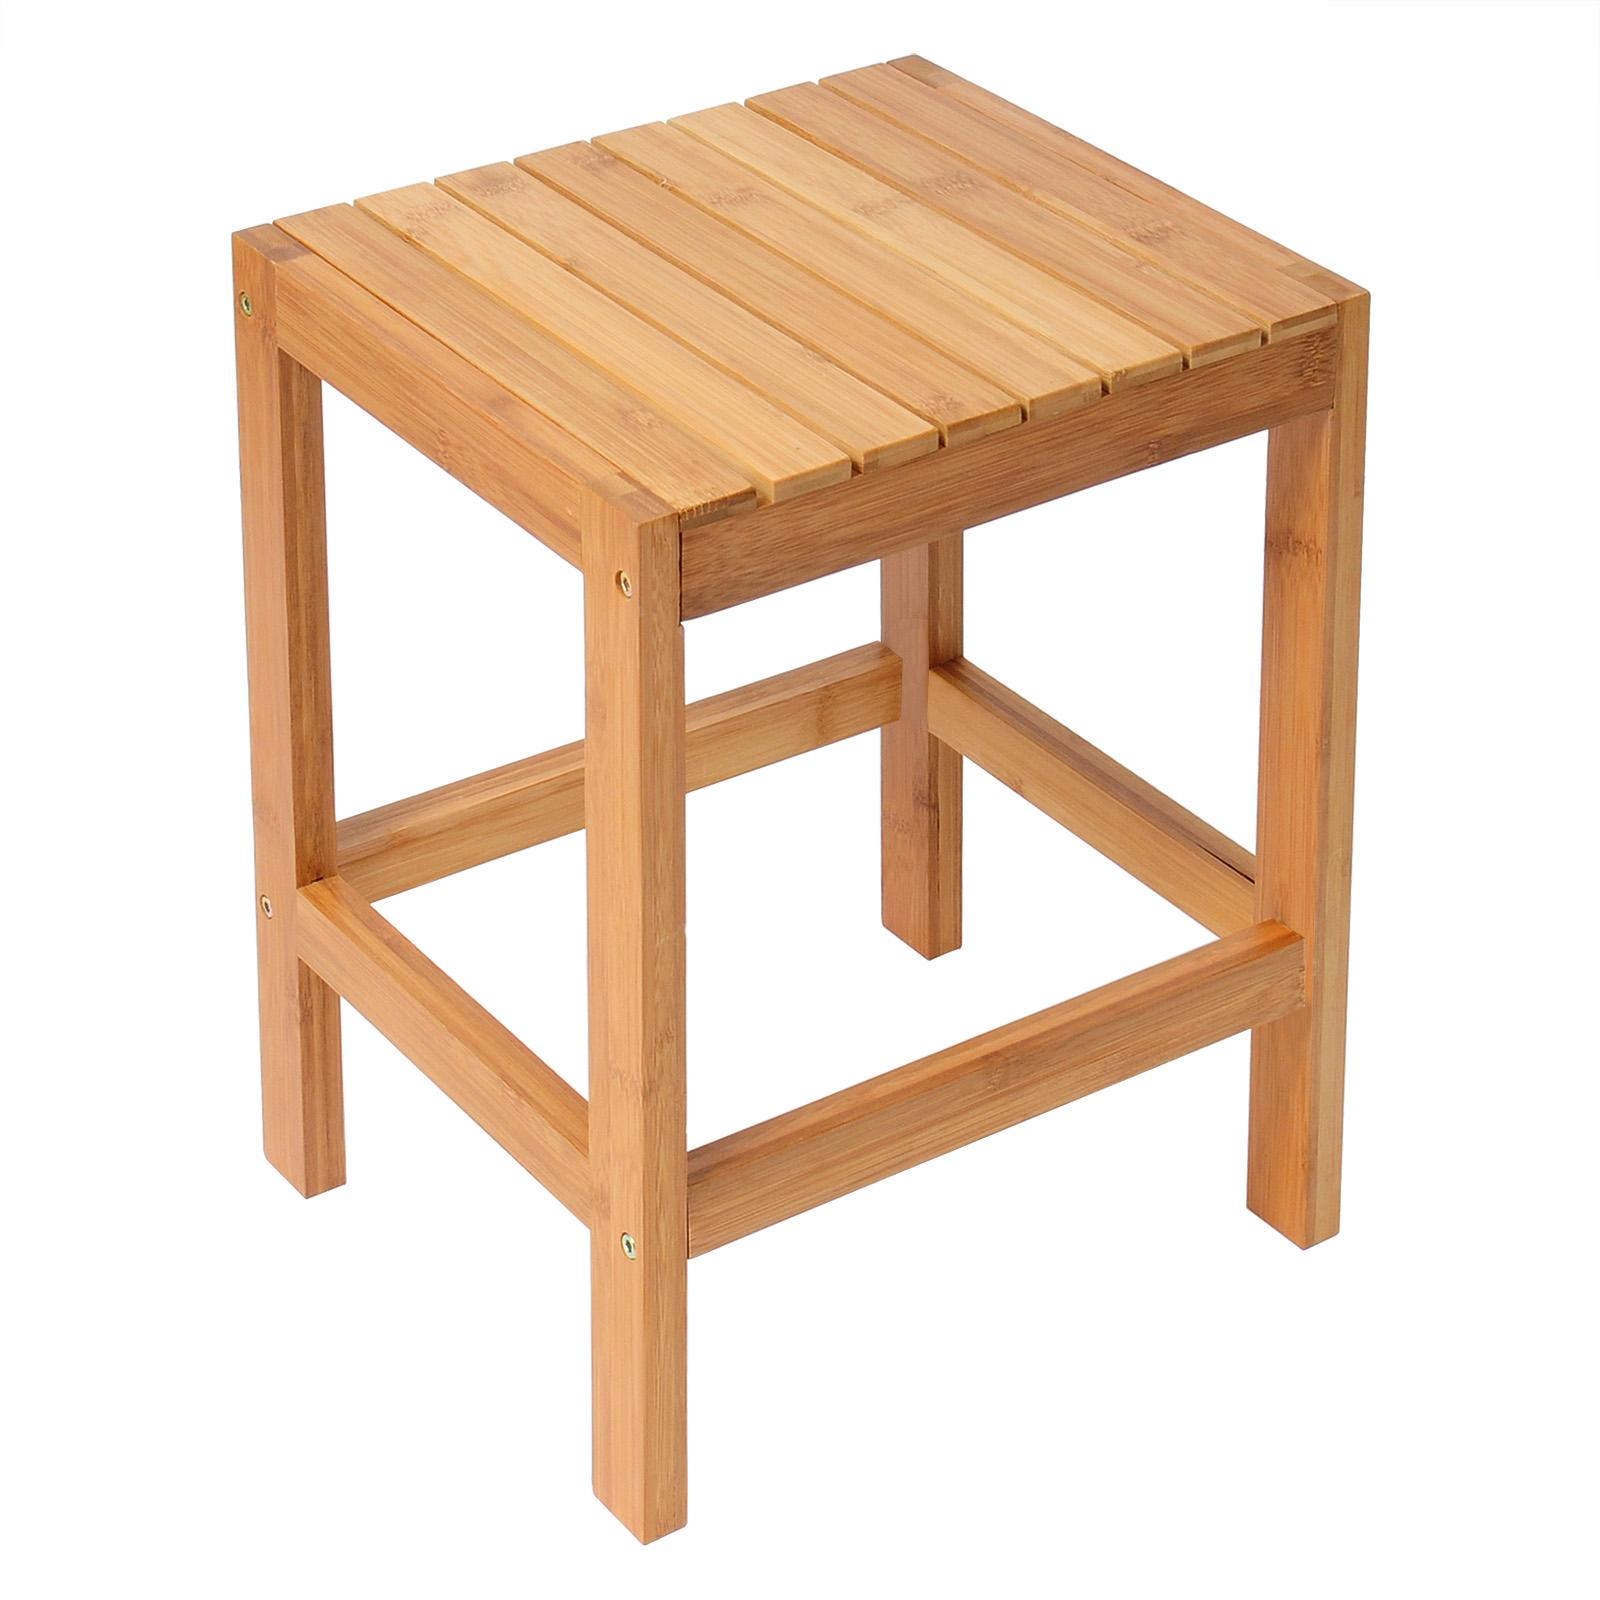 Sitzhocker bambushocker beistelltisch bambus blumenhocker for Couchtisch bambus